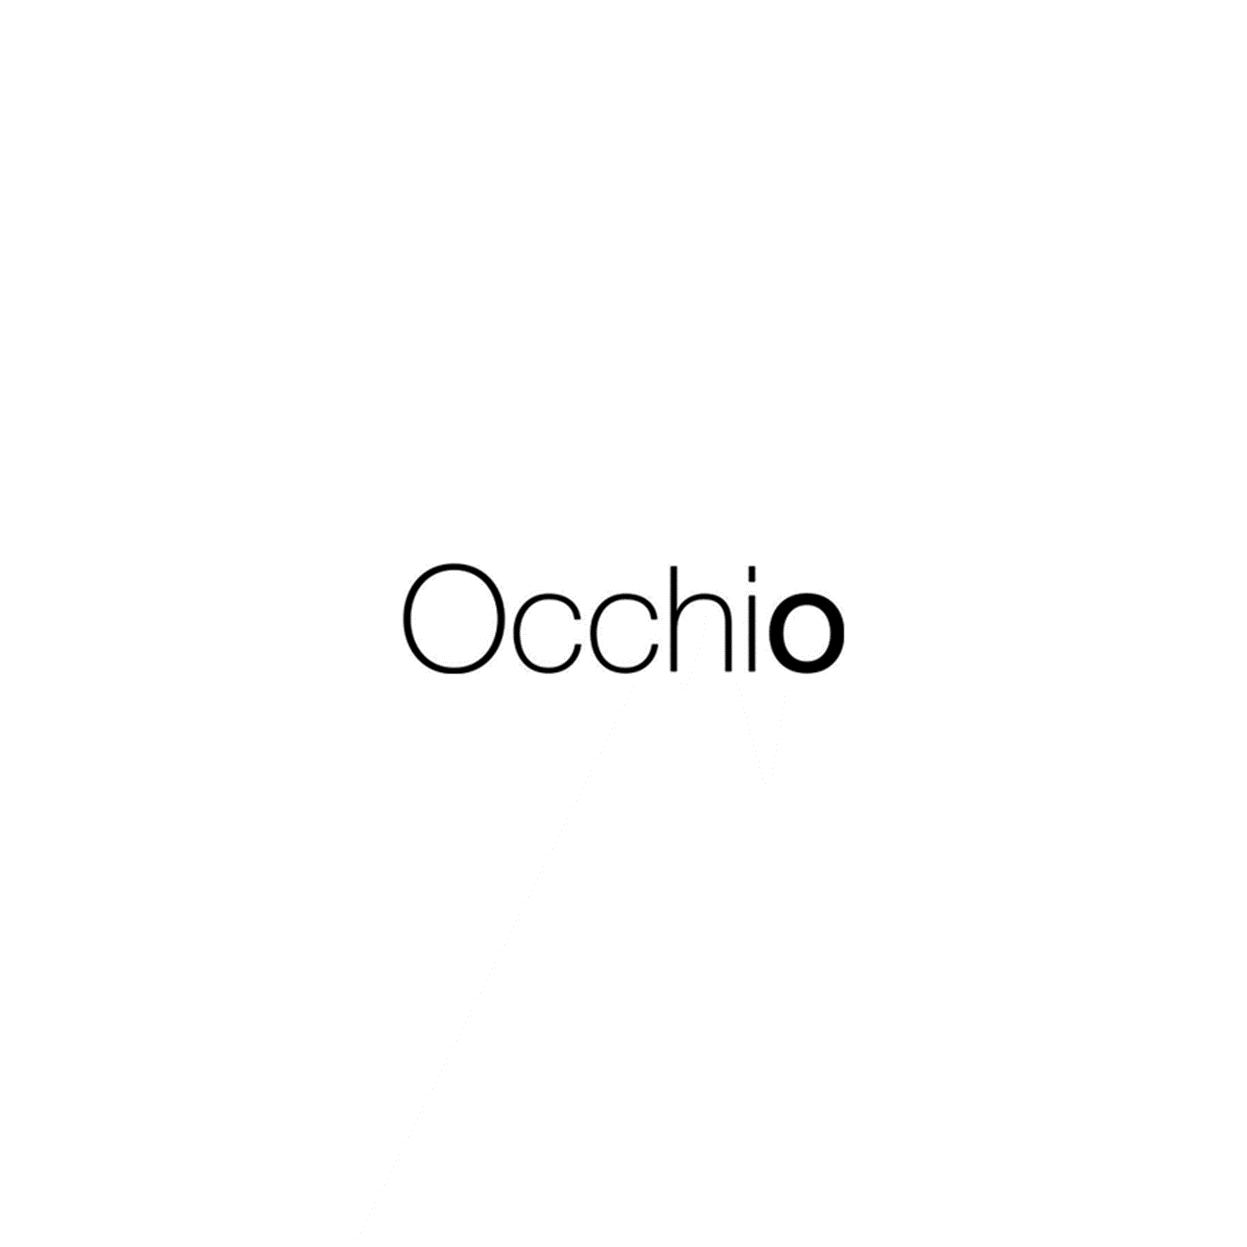 Occhio - Objekte Licht & Raum GmbH in Hamburg